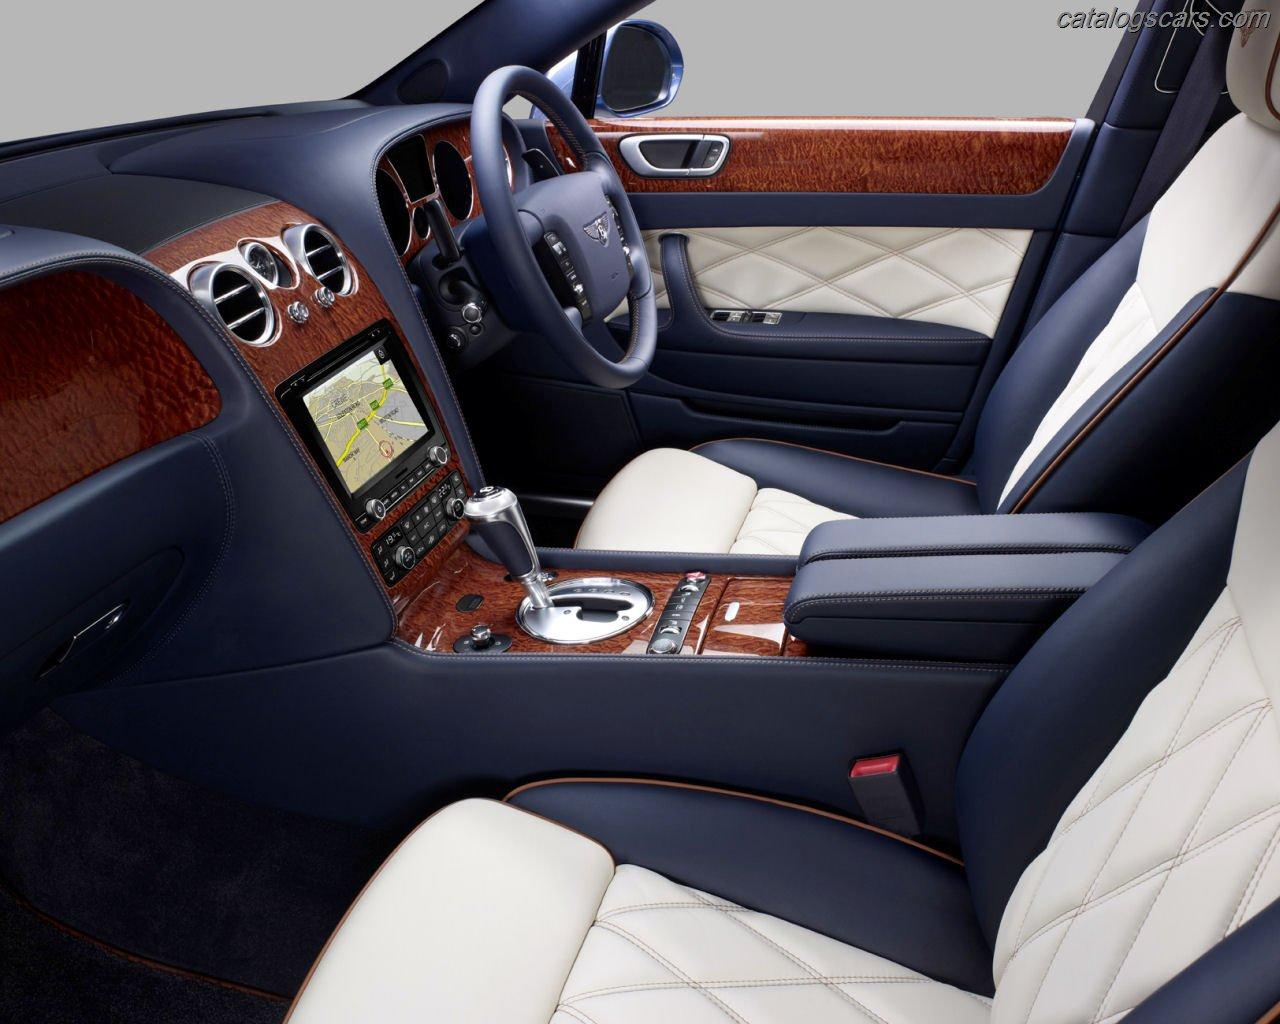 صور سيارة بنتلى كونتيننتال سيريس 51 2012 - اجمل خلفيات صور عربية بنتلى كونتيننتال سيريس 51 2012 - Bentley Continental Series 51 Photos Bentley-Continental-Series-51-2011-15.jpg